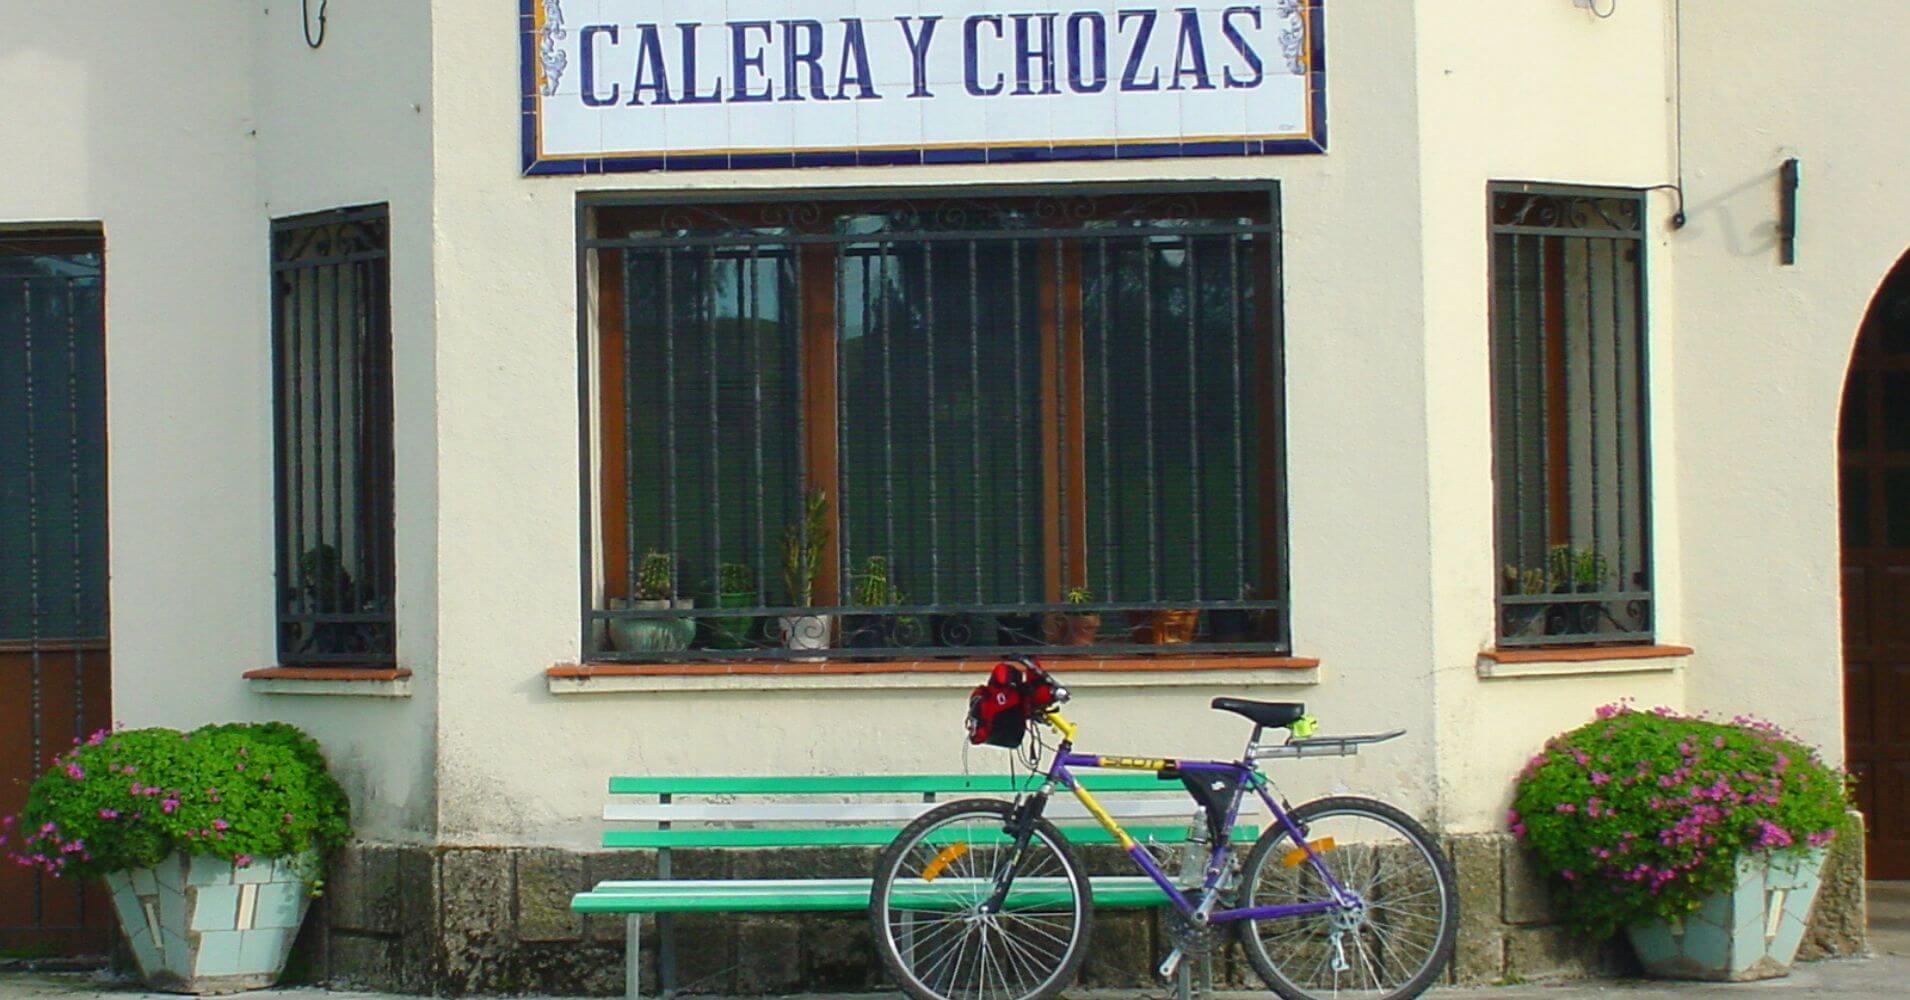 Estación de Calera y Chozas. Toledo, Castilla la Mancha.